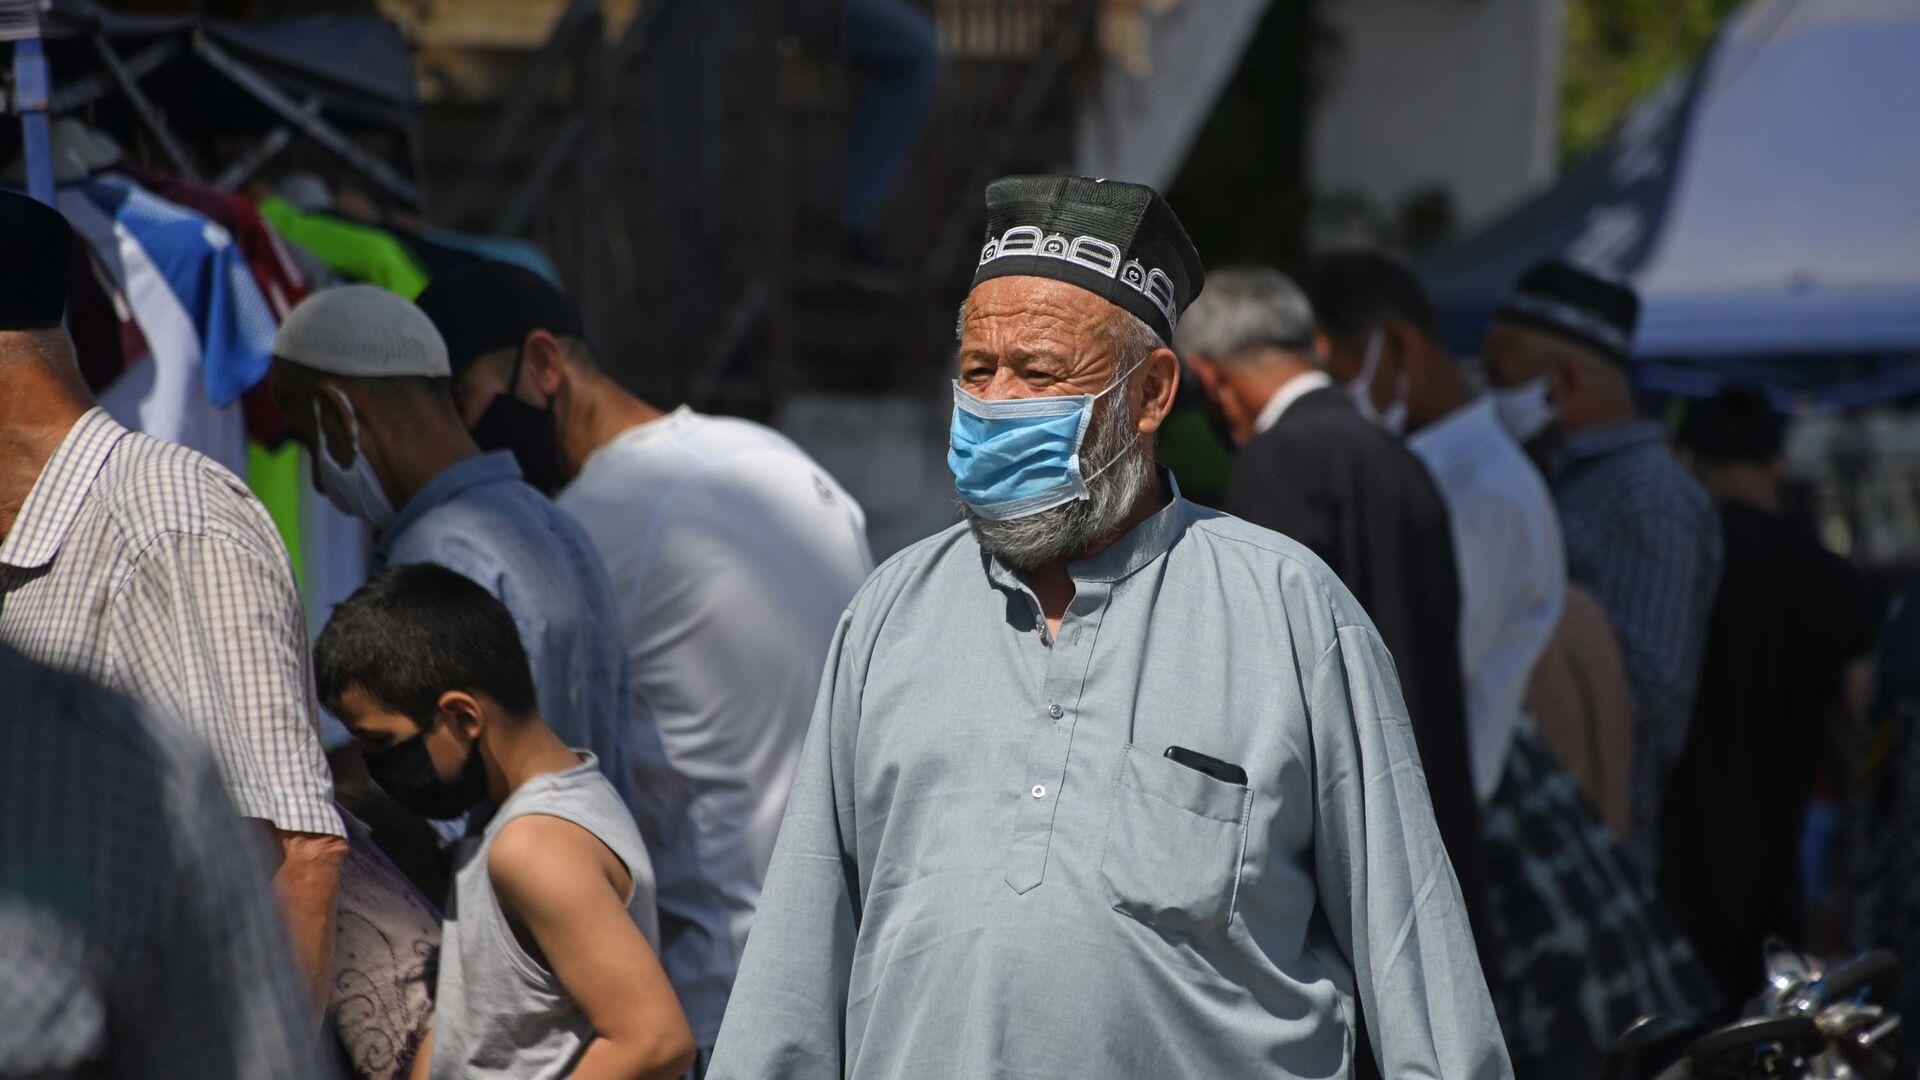 Дедушка в маске в городе Душанбе - Sputnik Таджикистан, 1920, 22.06.2021